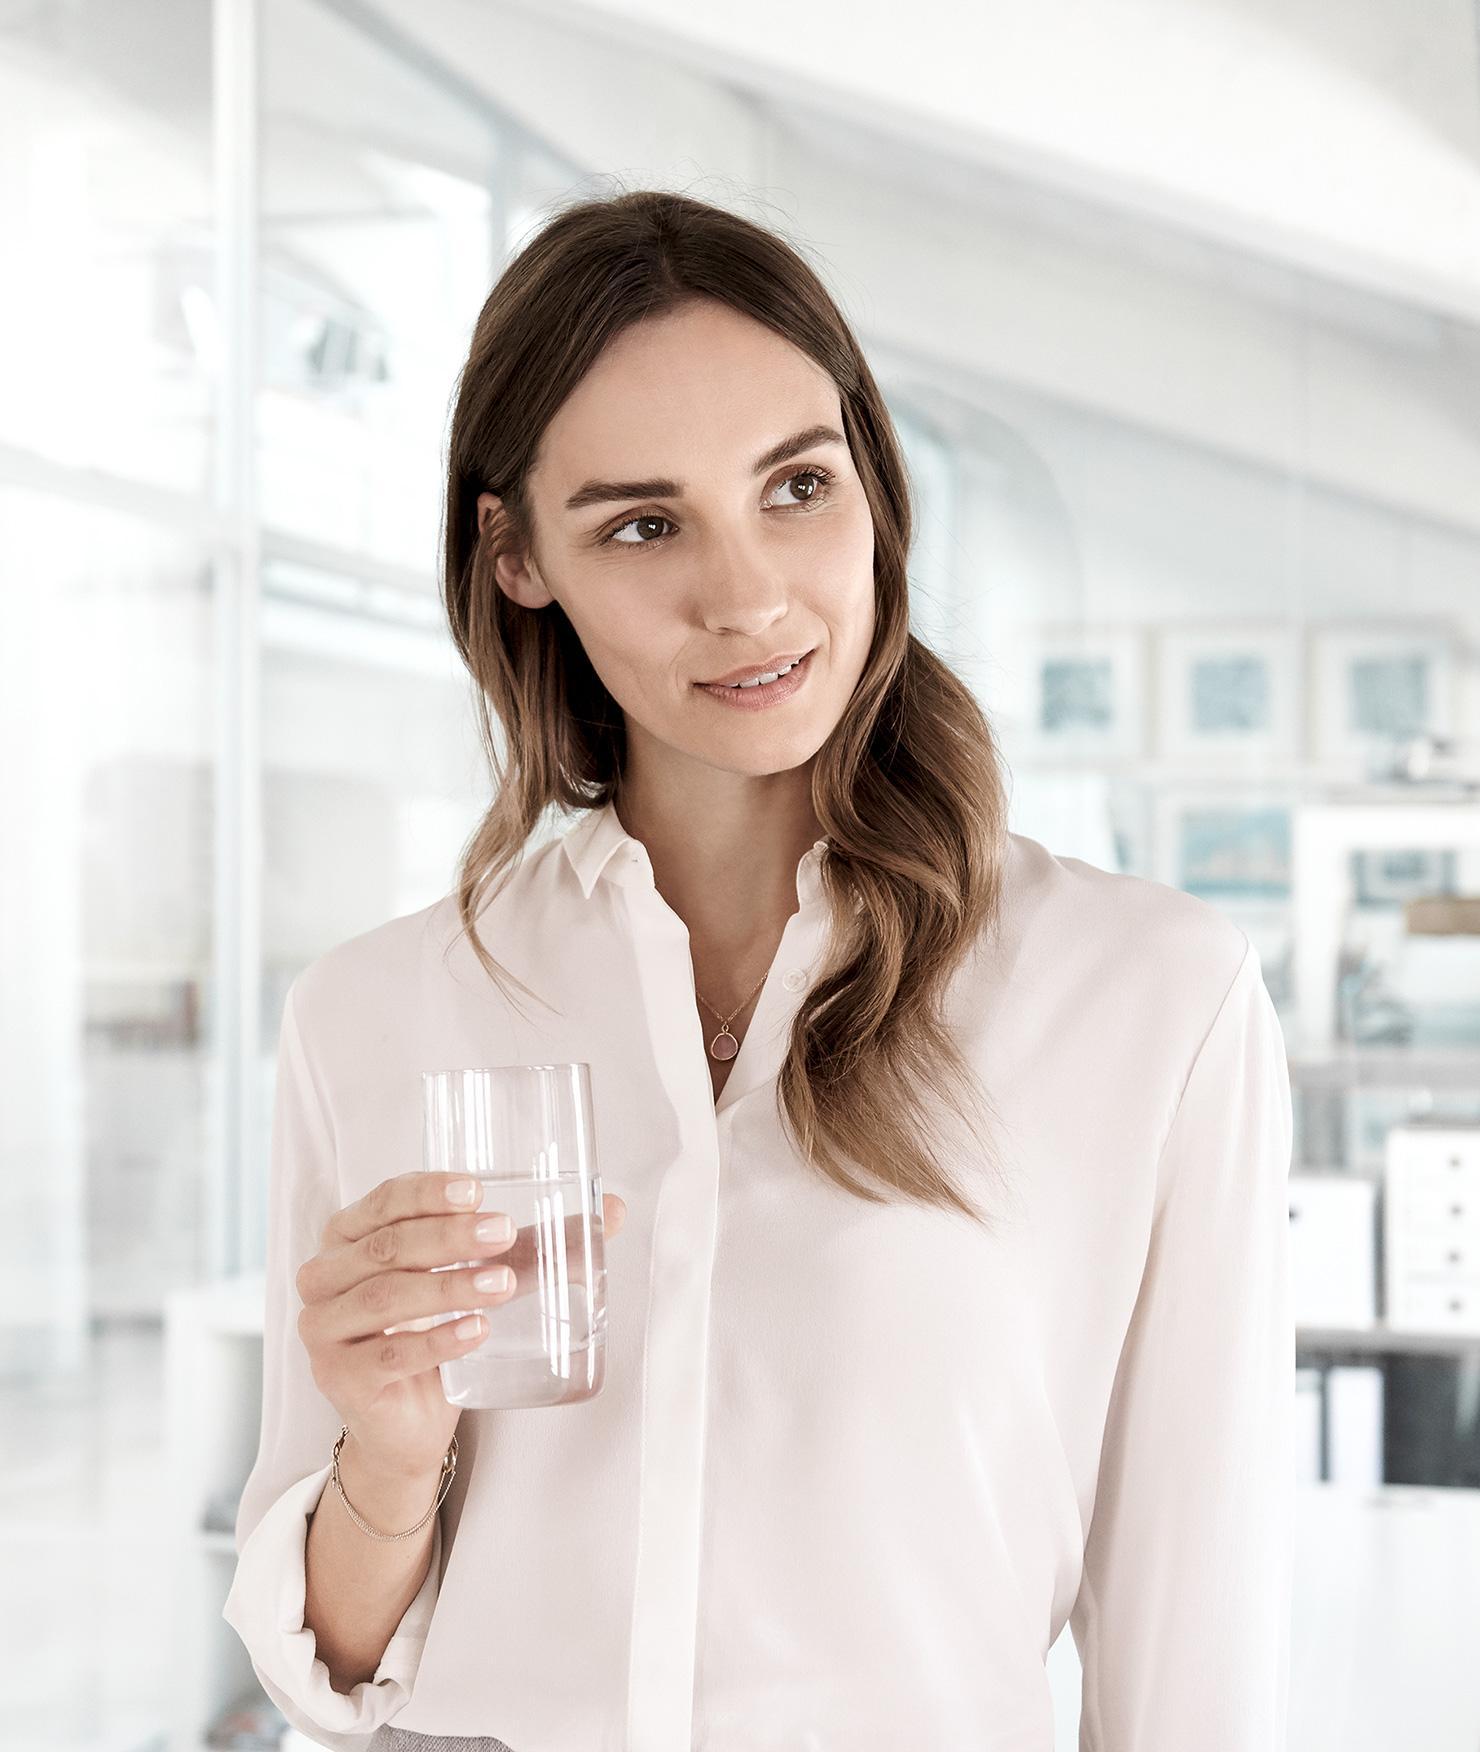 Filtr Brita Purity C1000 AC - kobieta ze szklanką wody